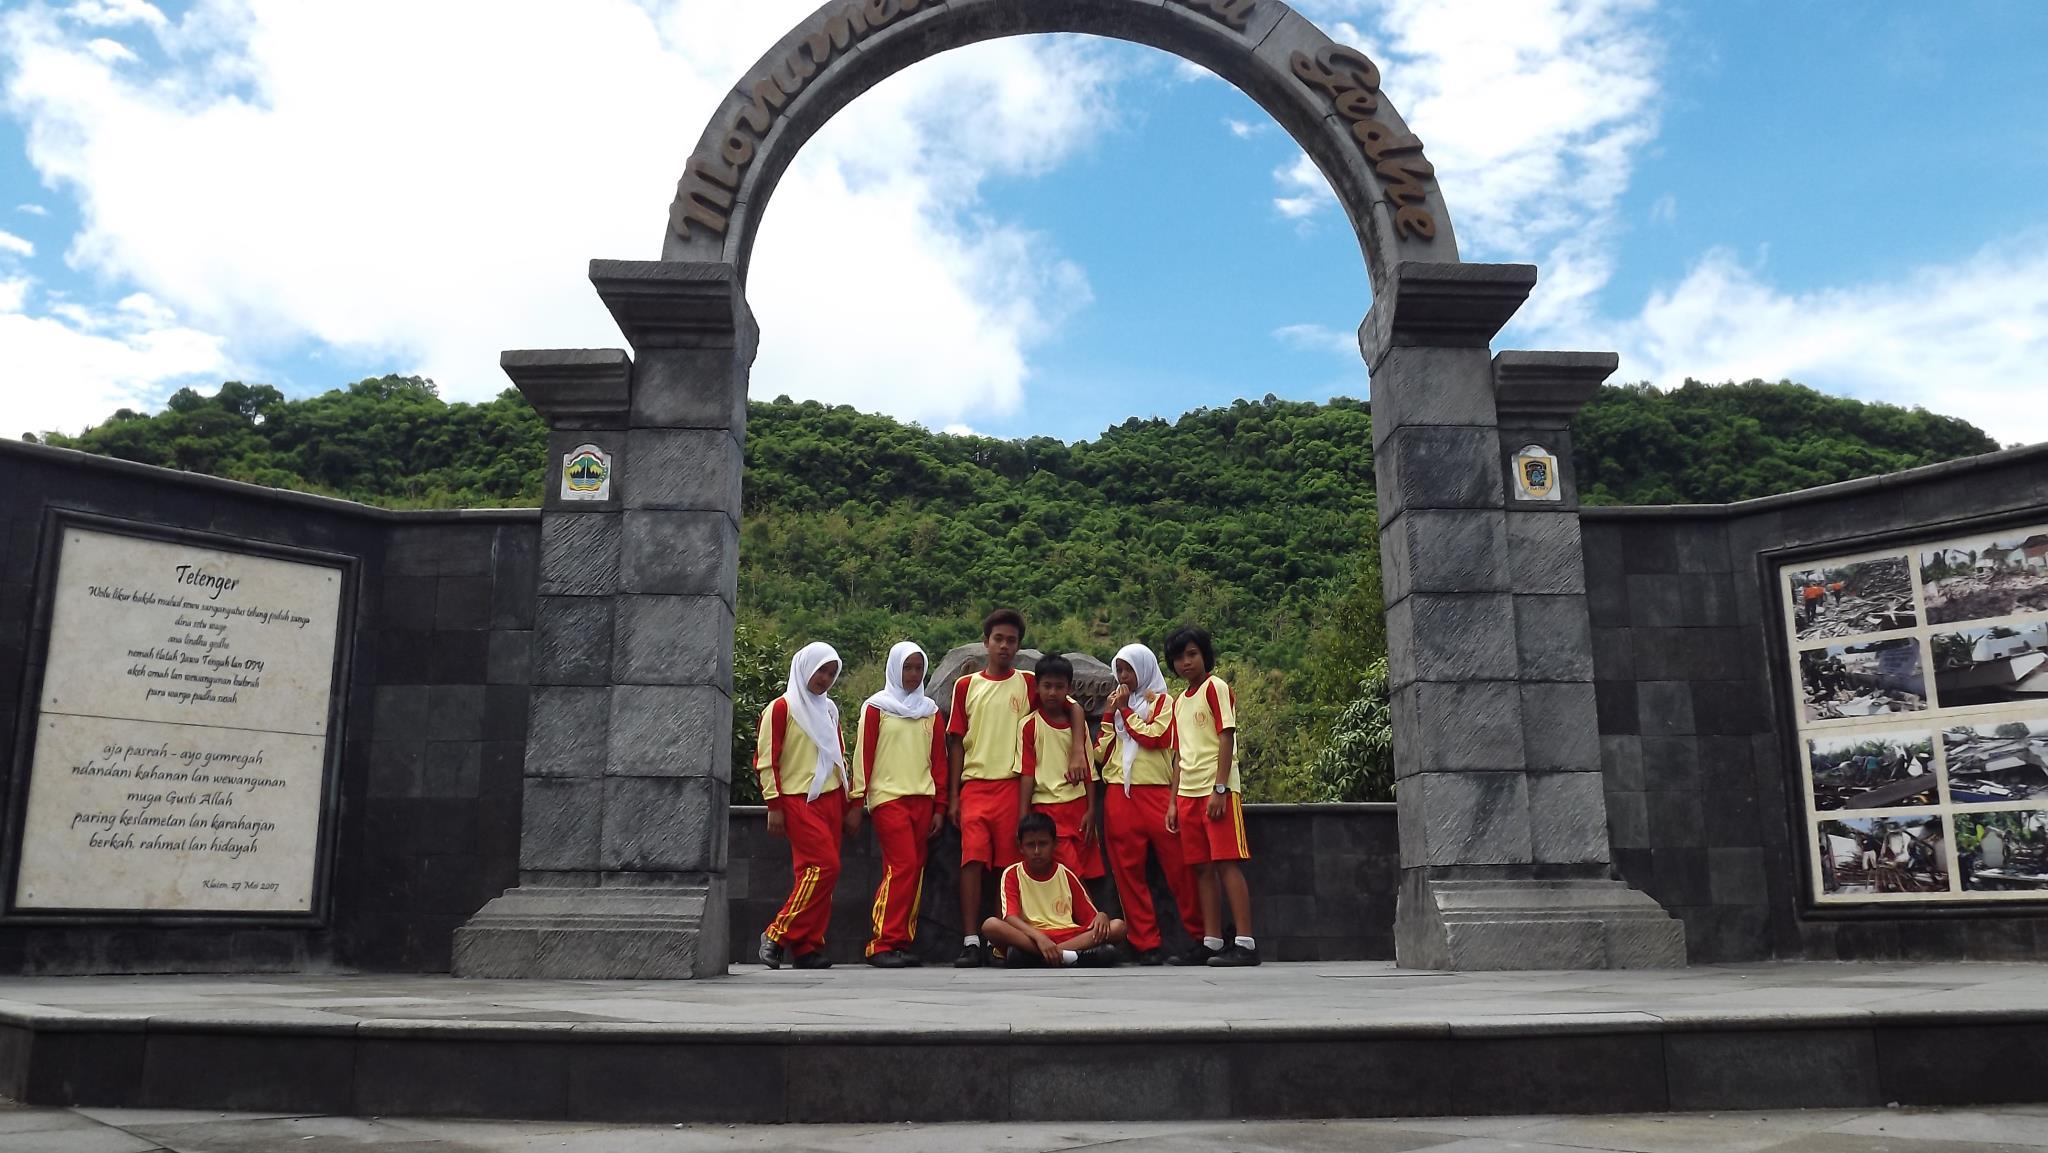 Pusat Gempa Jogja di Bantul tapi monumennya di Klaten, kok bisa?